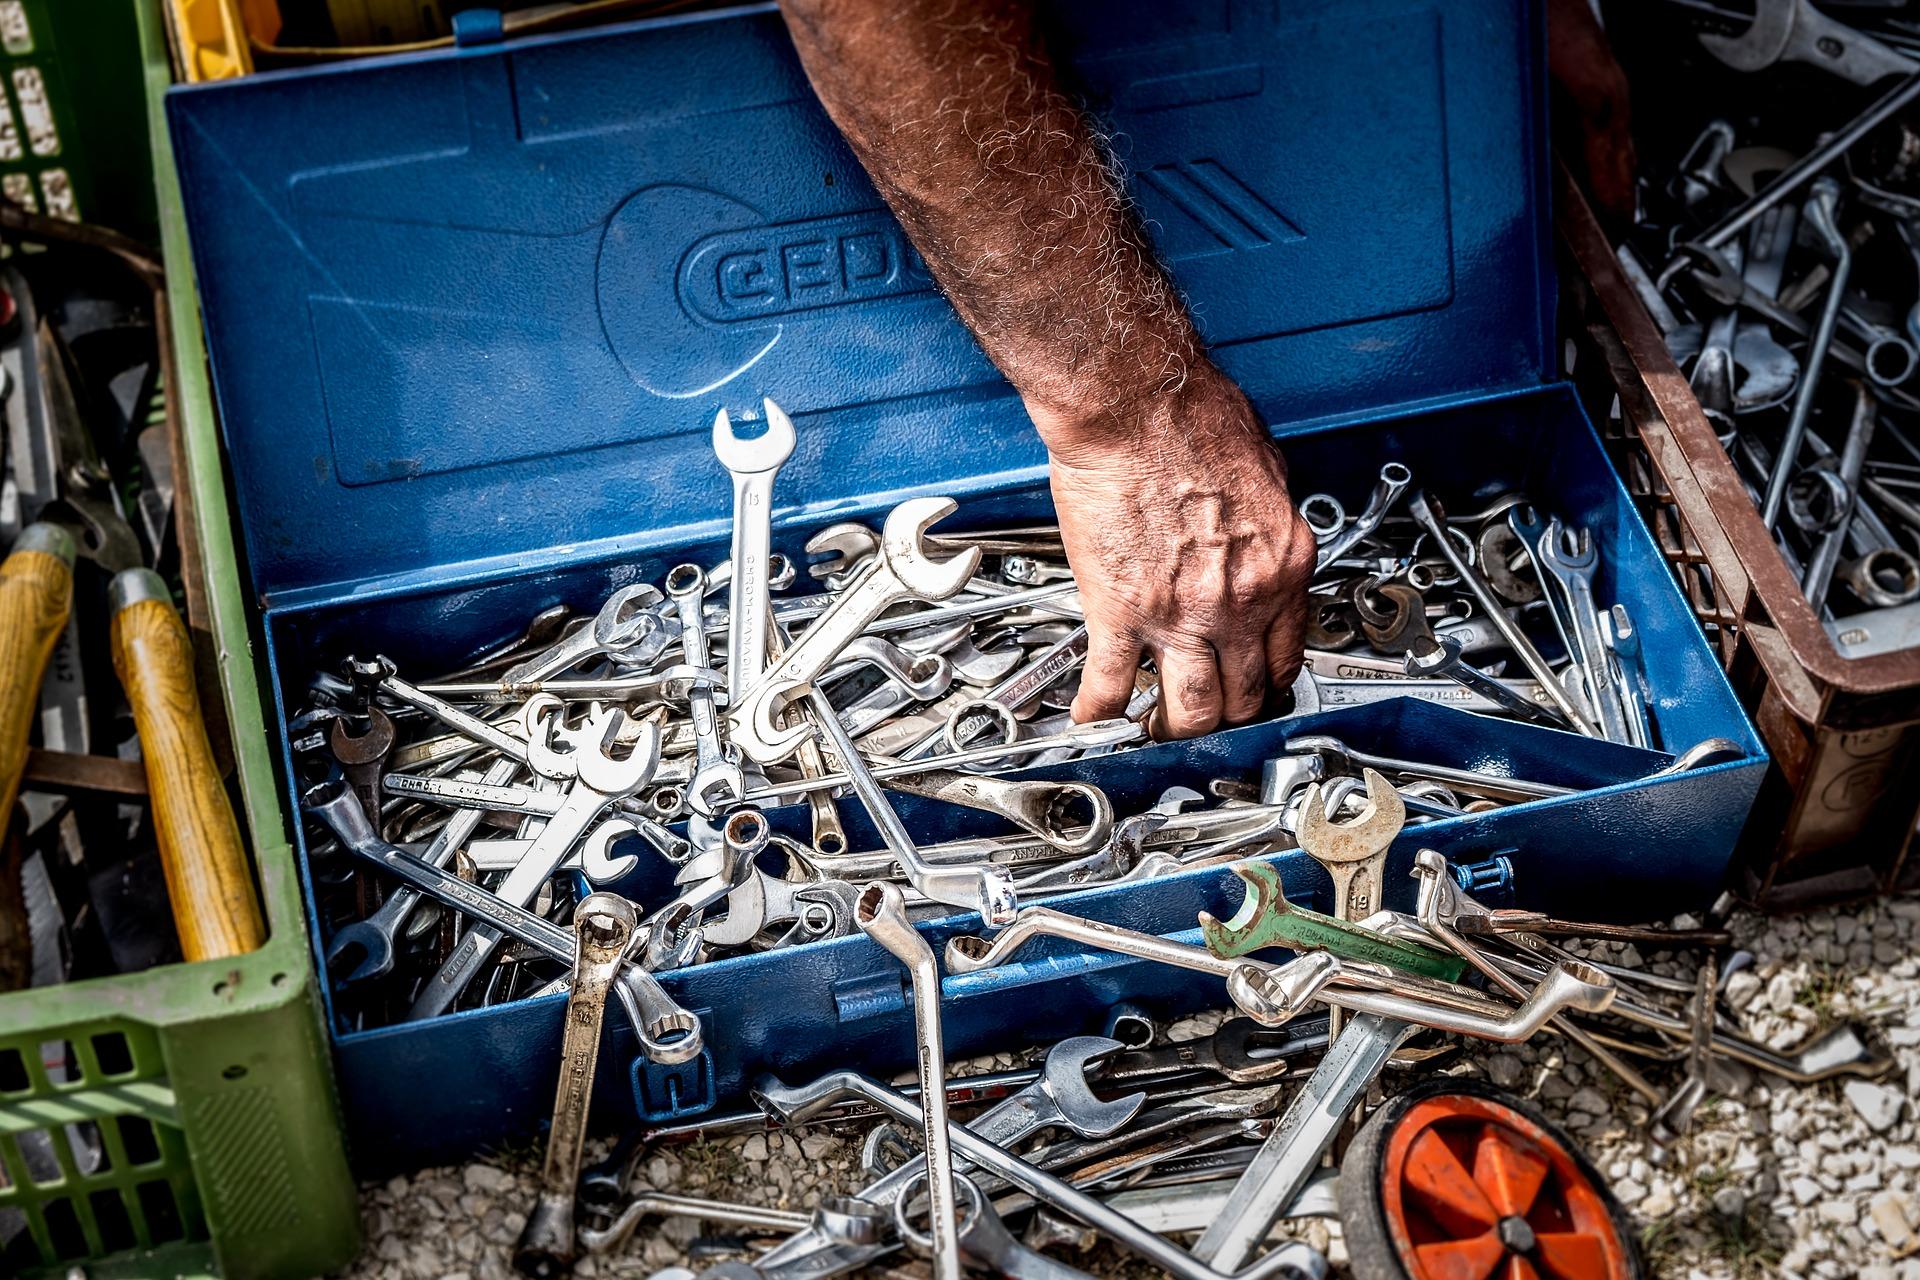 tool-3493486_1920